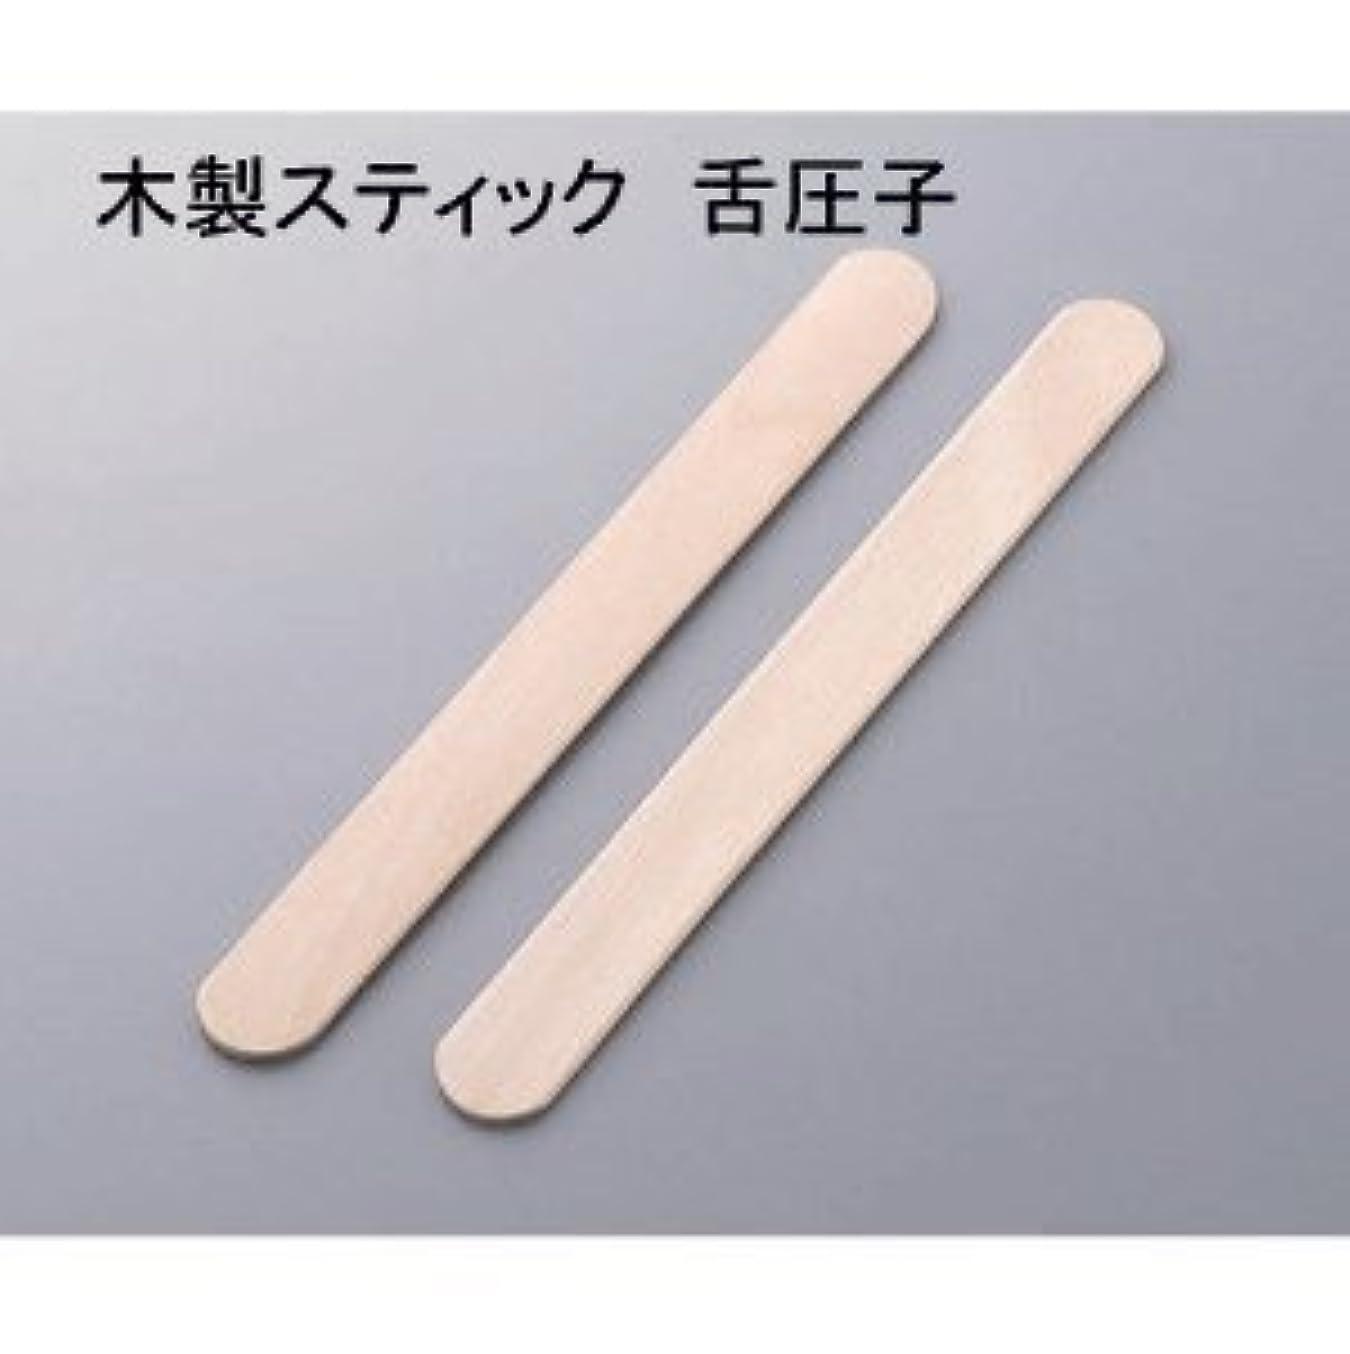 スリンク招待バッフル木製舌圧子150mm スパチュラ 脱毛 ハダカ 6000本(50本x120束)